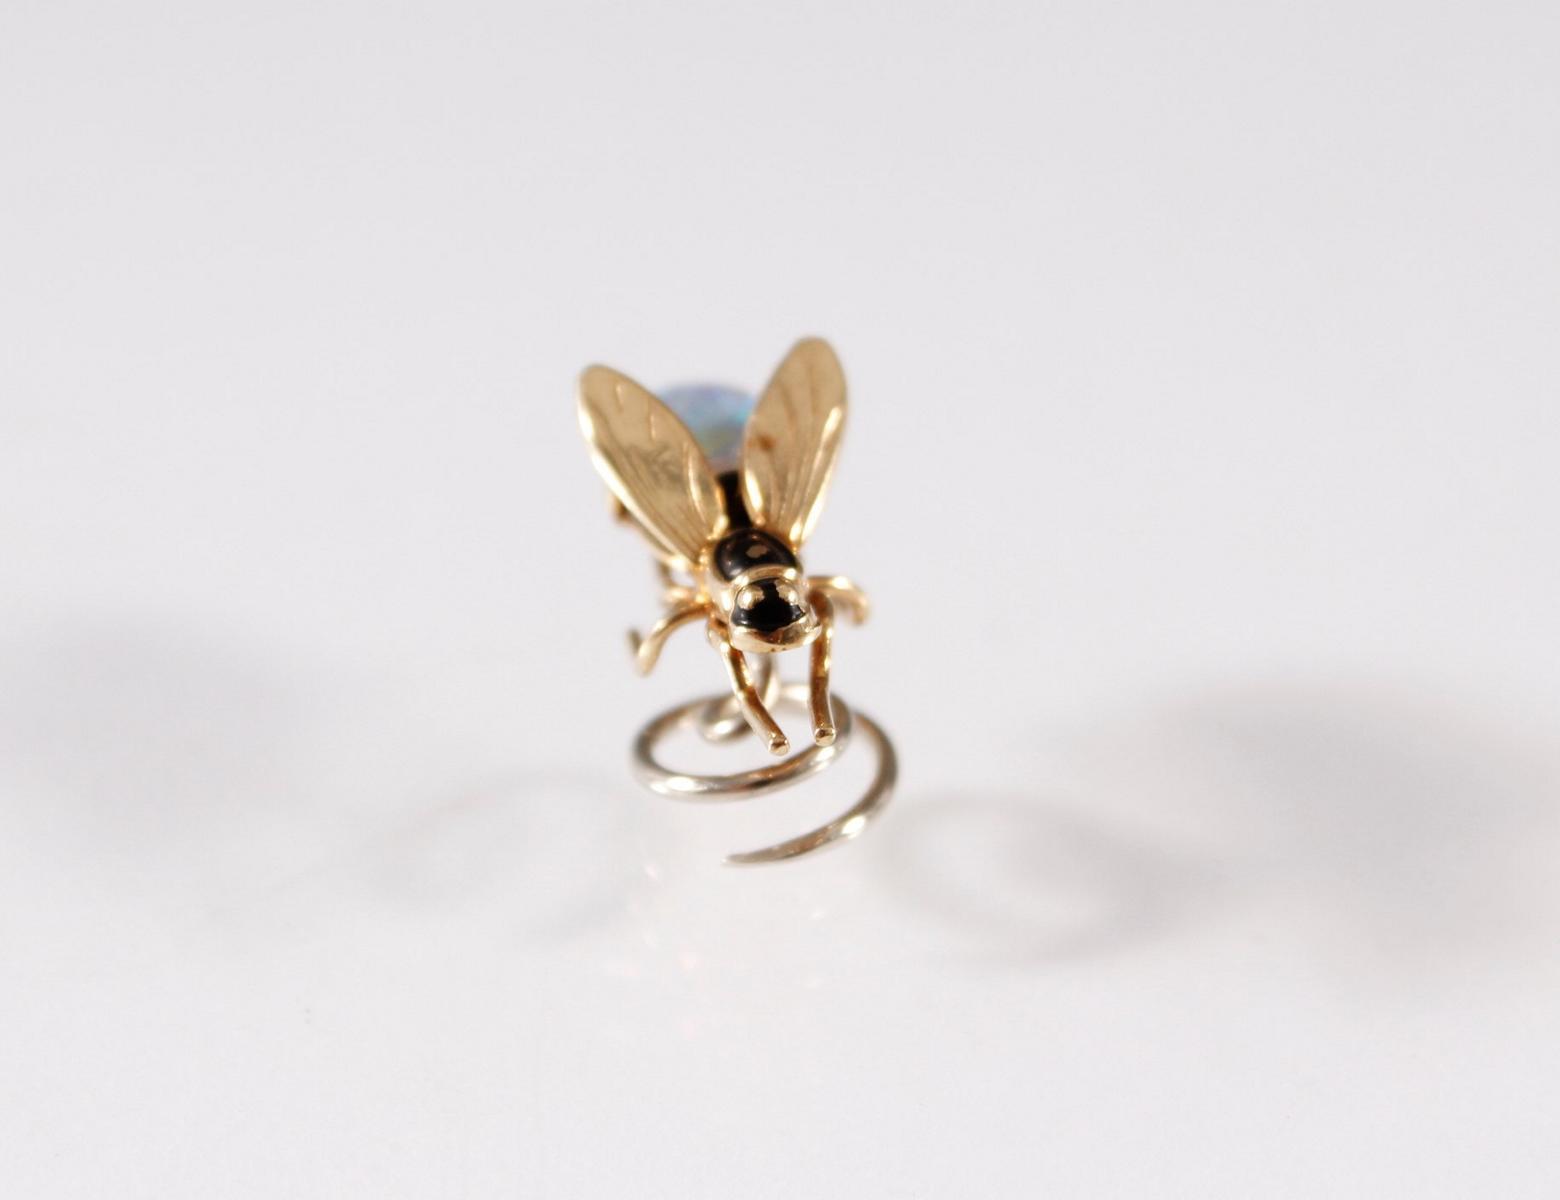 Kleines Schmuckstück in Form einer Fliege, 18 Karat Gelb- und Weißgold